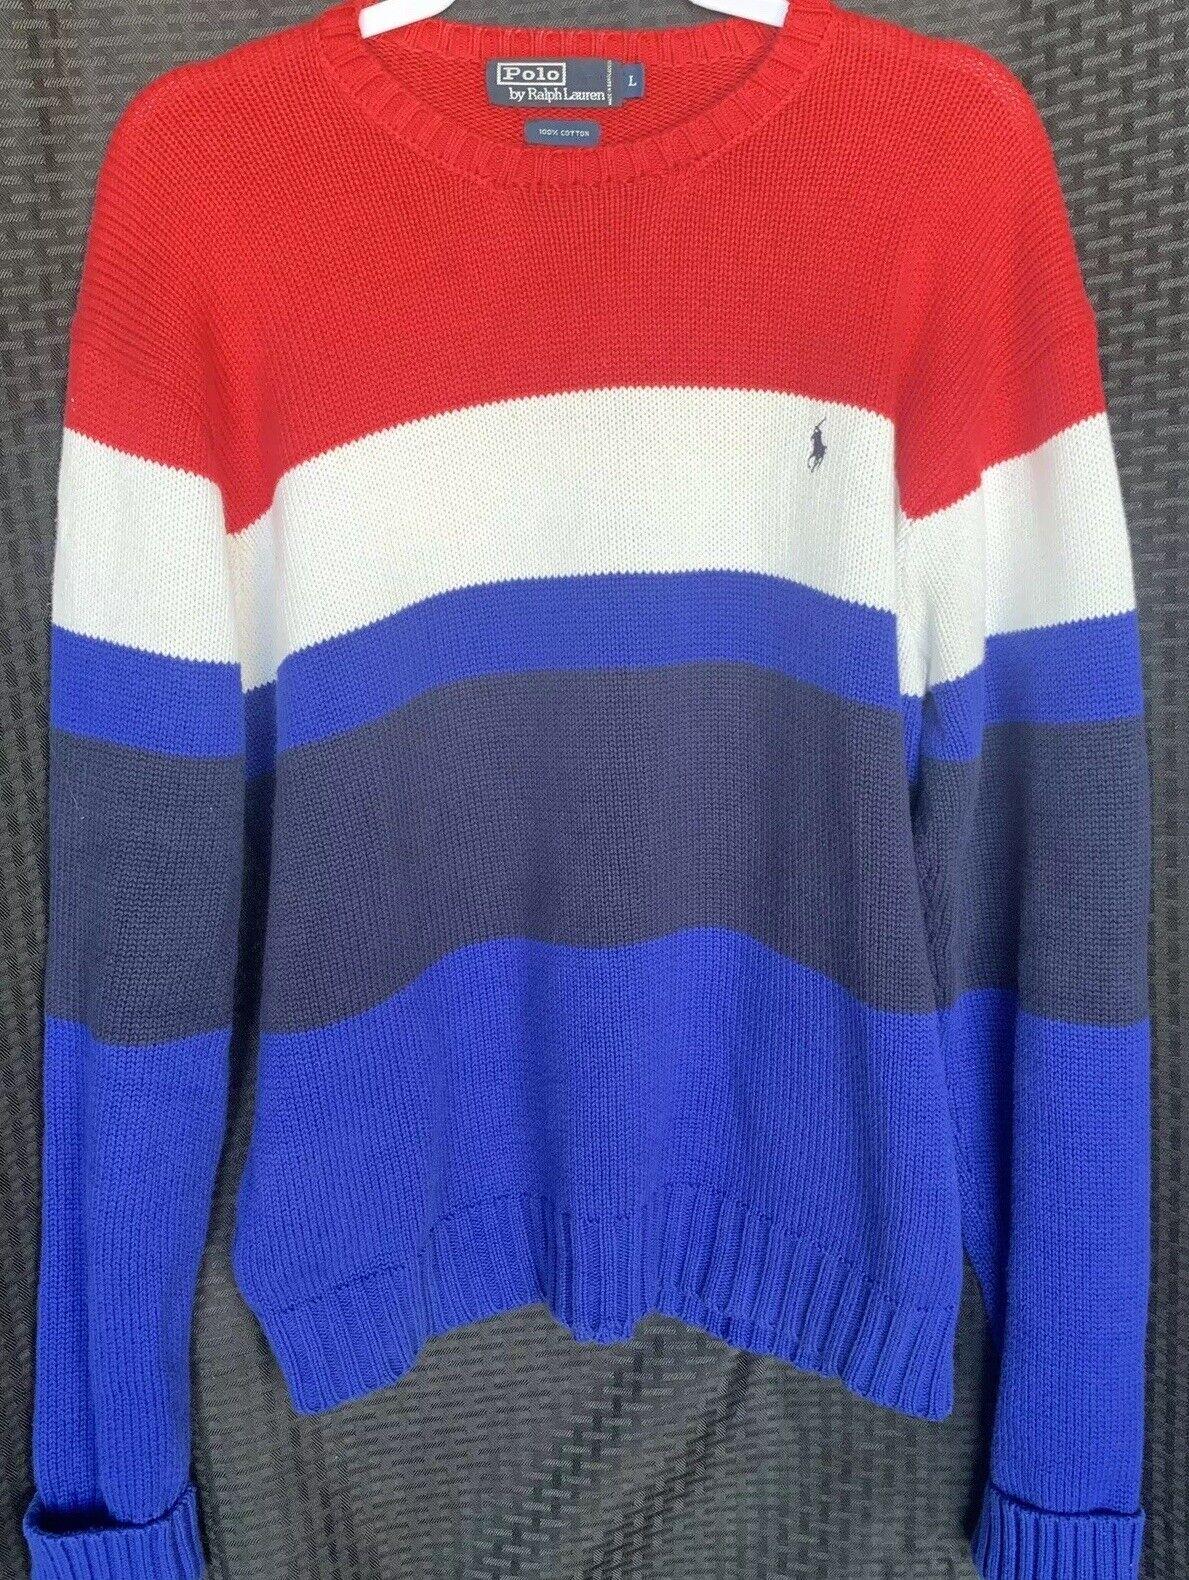 Polo Ralph Lauren Knit schweißer herren groß Patriotic rot Weiß Blau 100% baumwolle